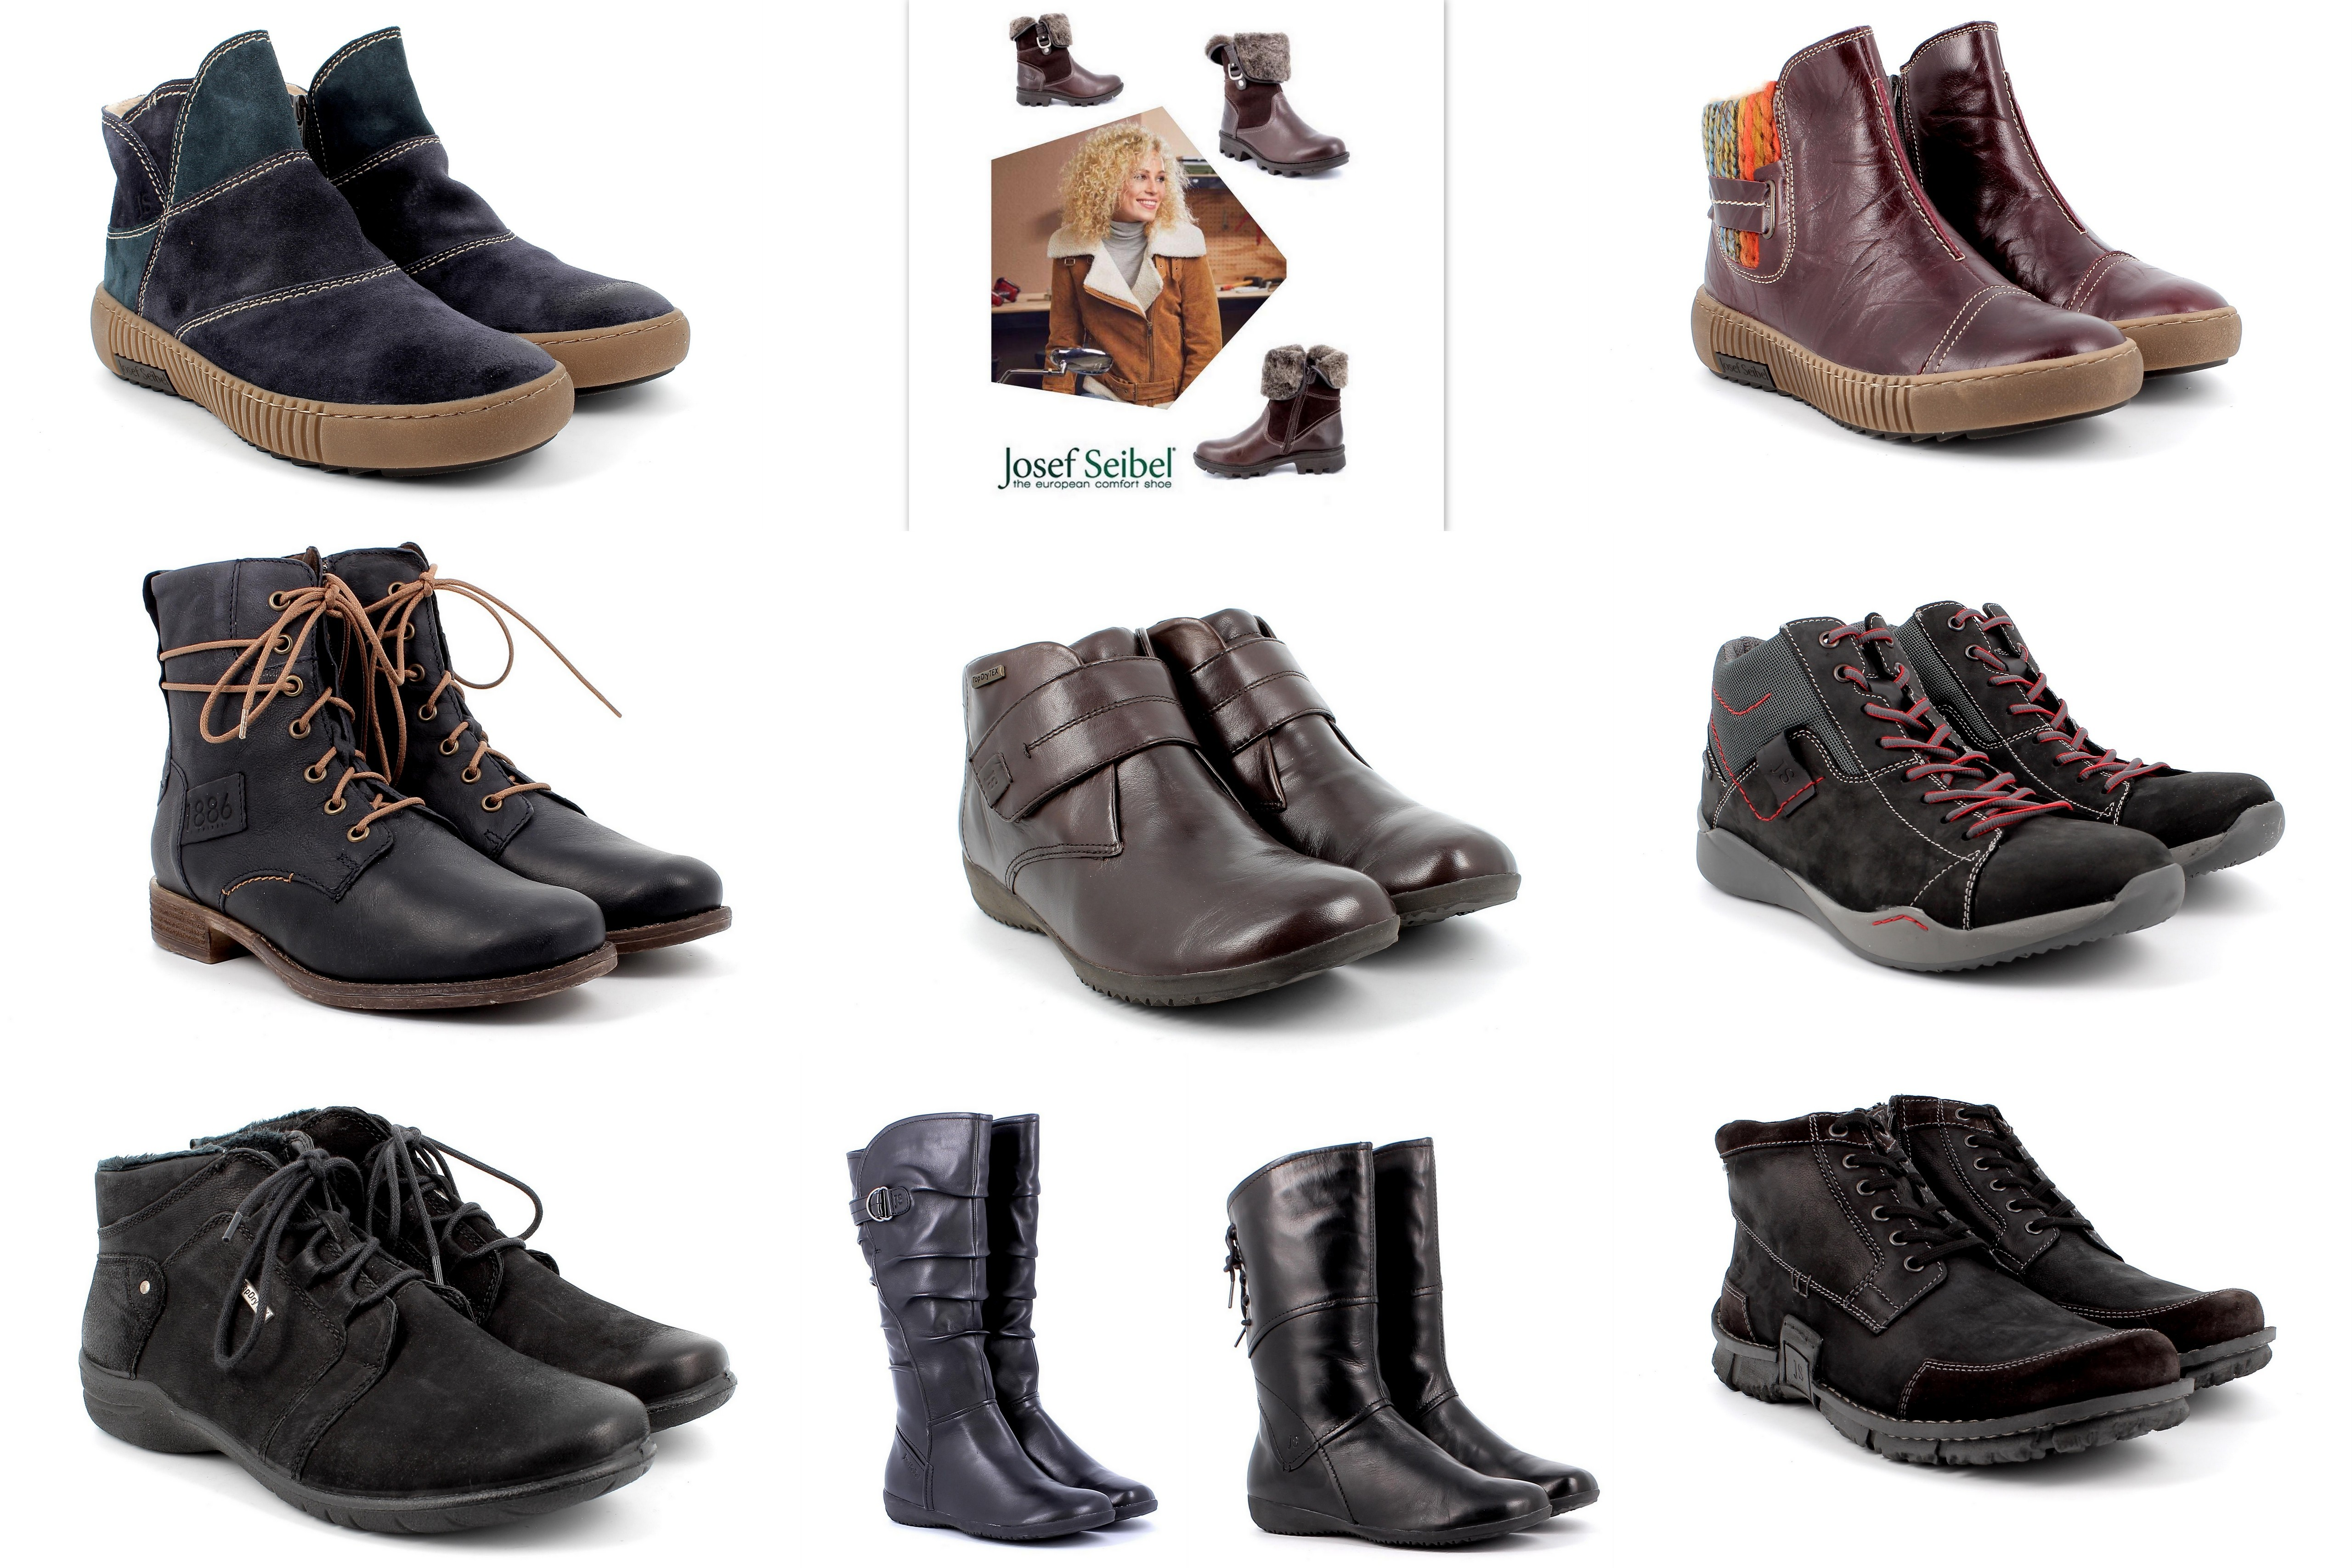 608e173dc1 Szereted a klasszikus fazonú cipőket? Nálunk megtalálhatod kedvenceidet!